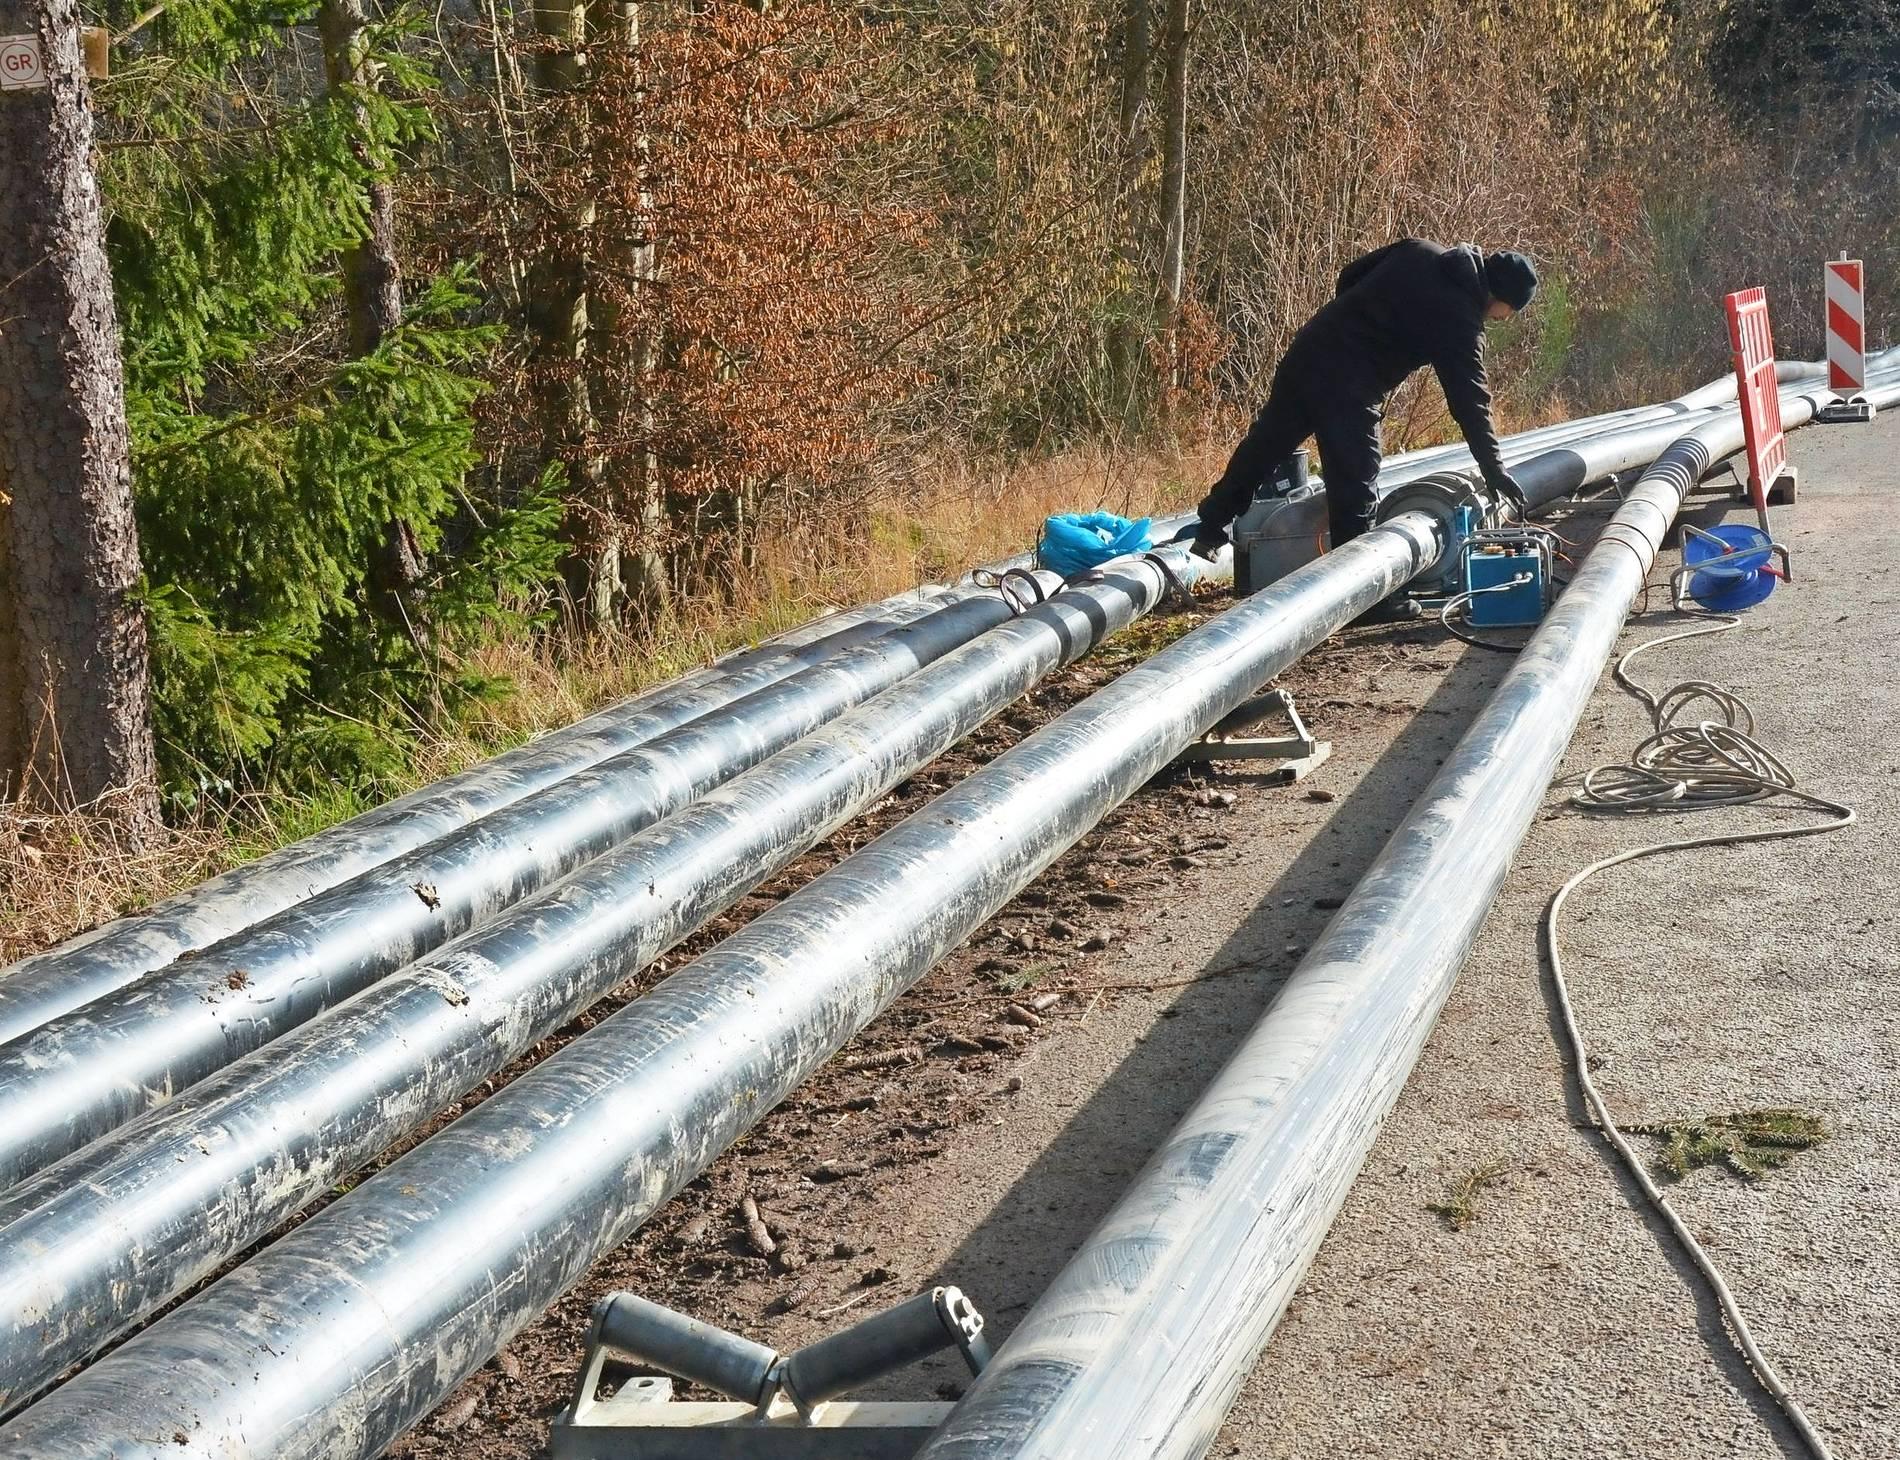 millionenprojekt zwischen thalfang und osburg windstrom flie t ab september unter der erde